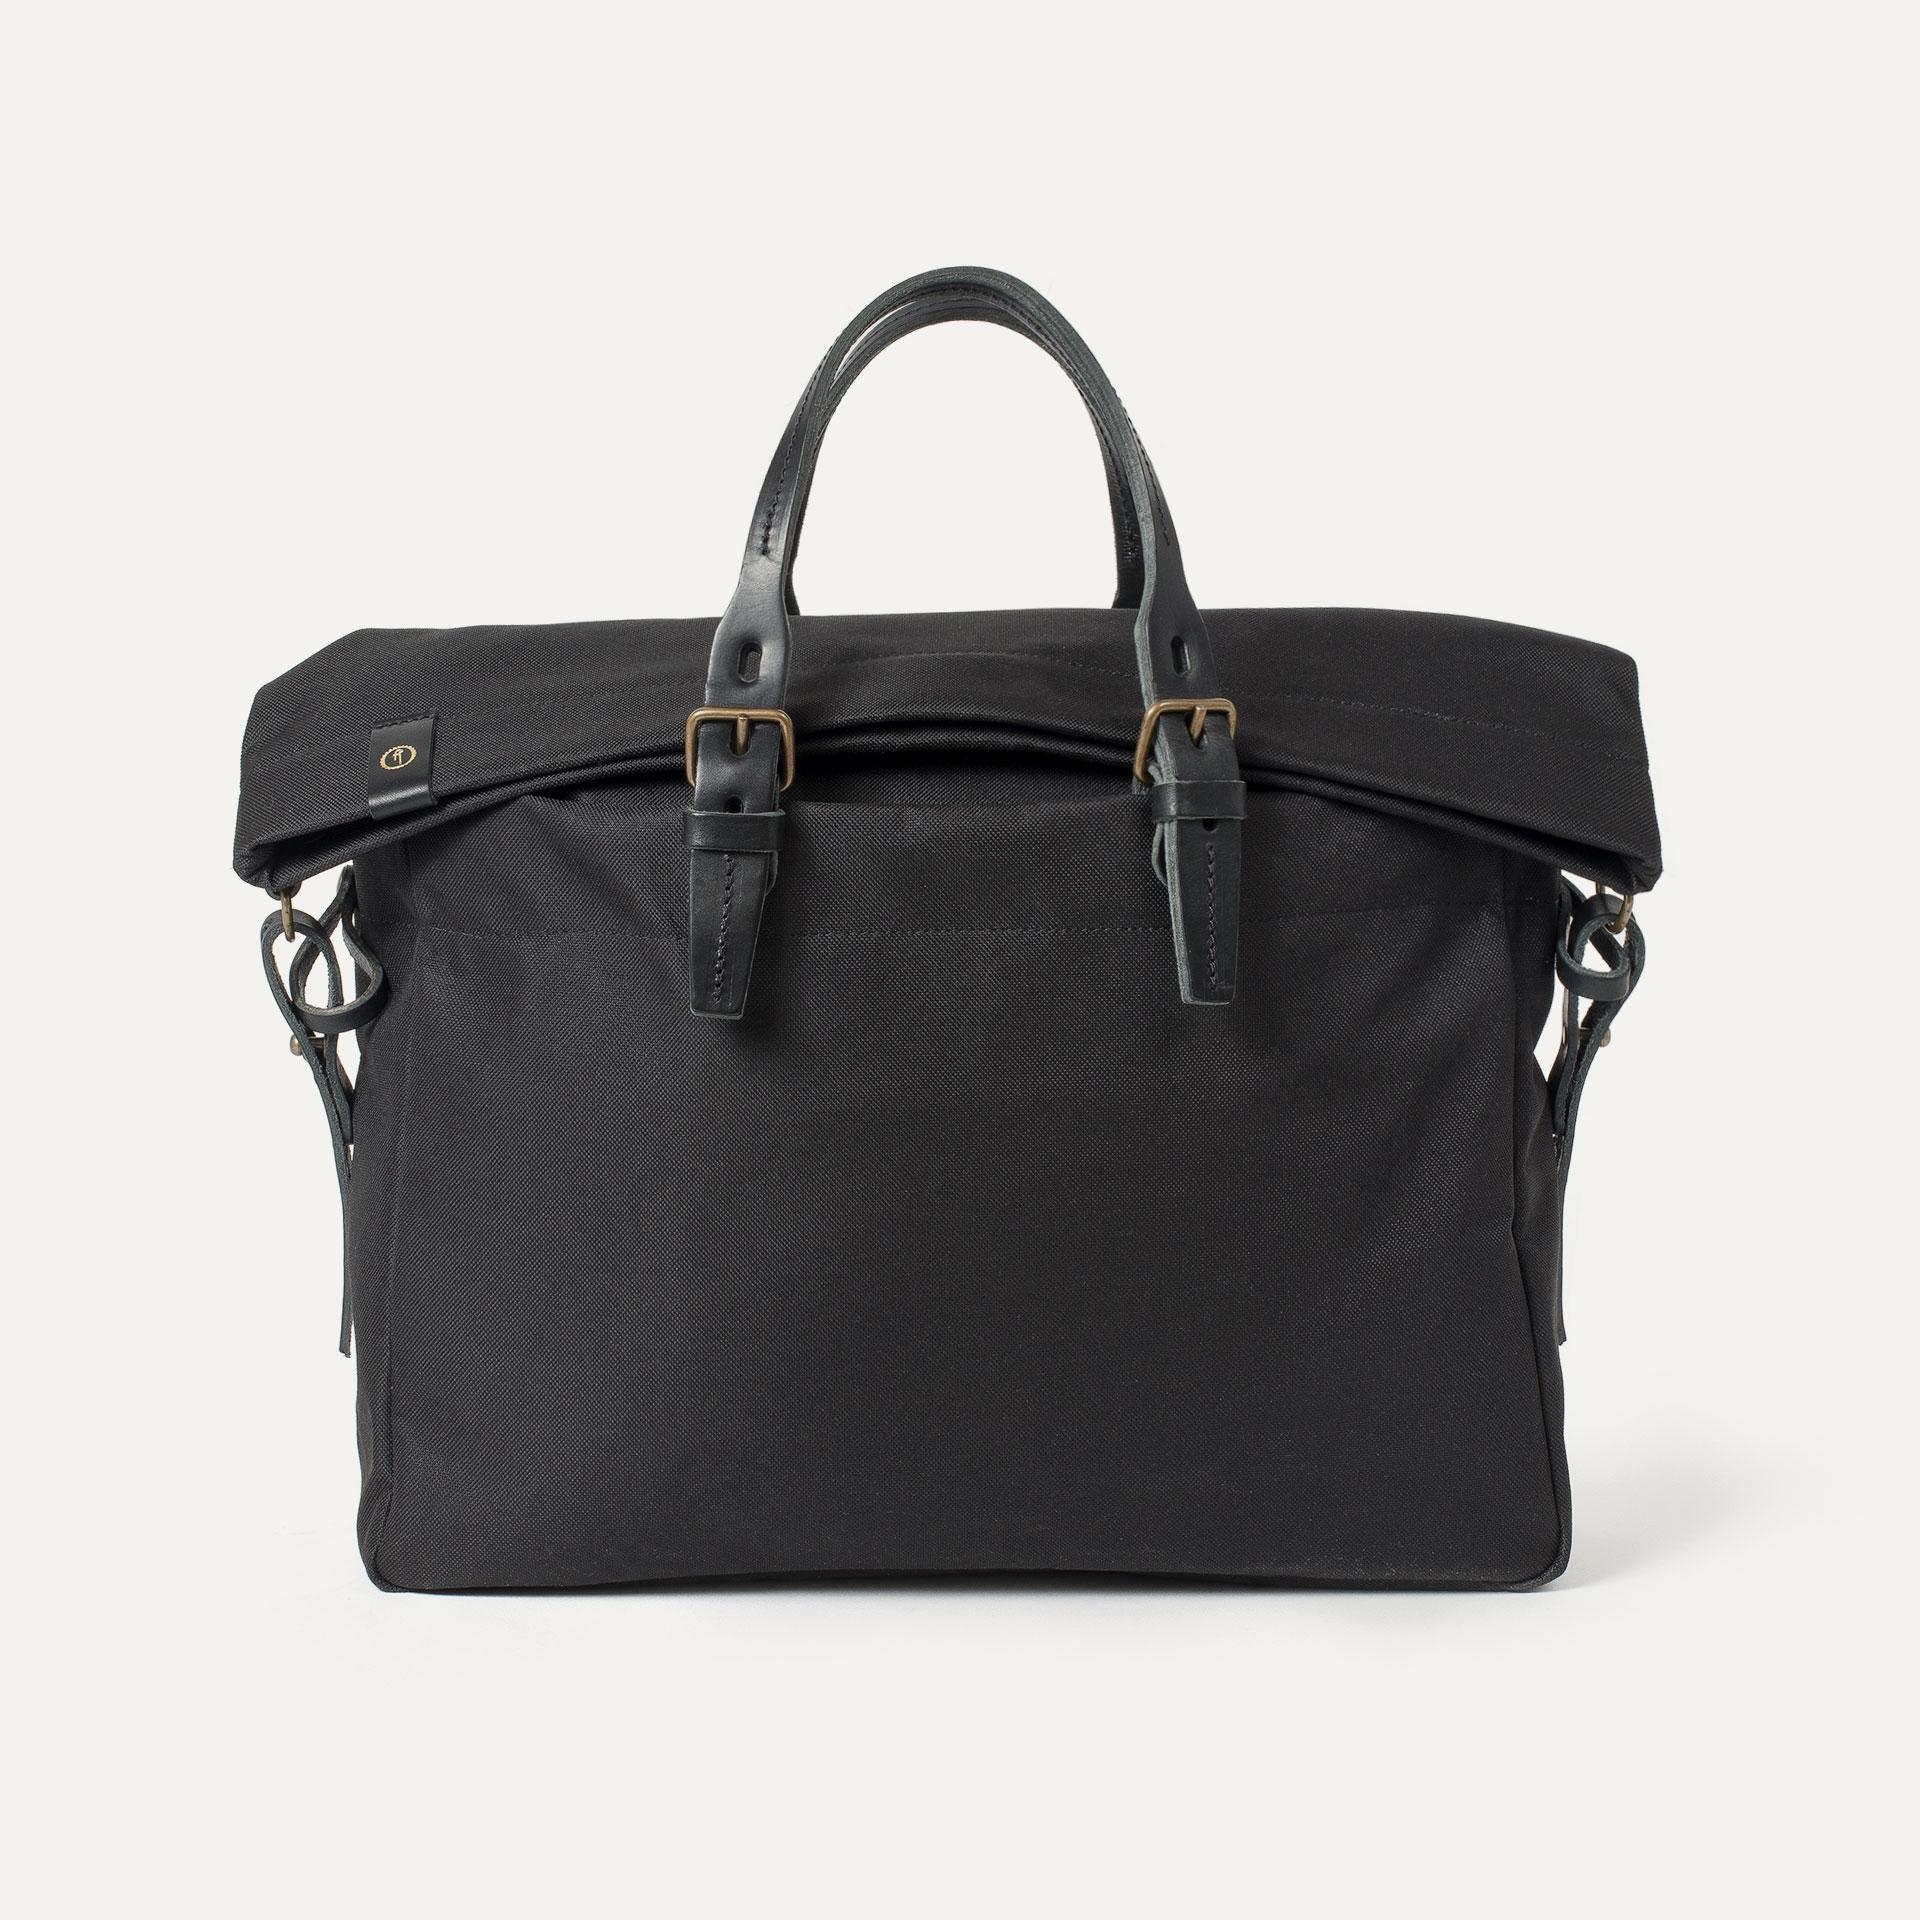 Remix business bag - Black (image n°1)